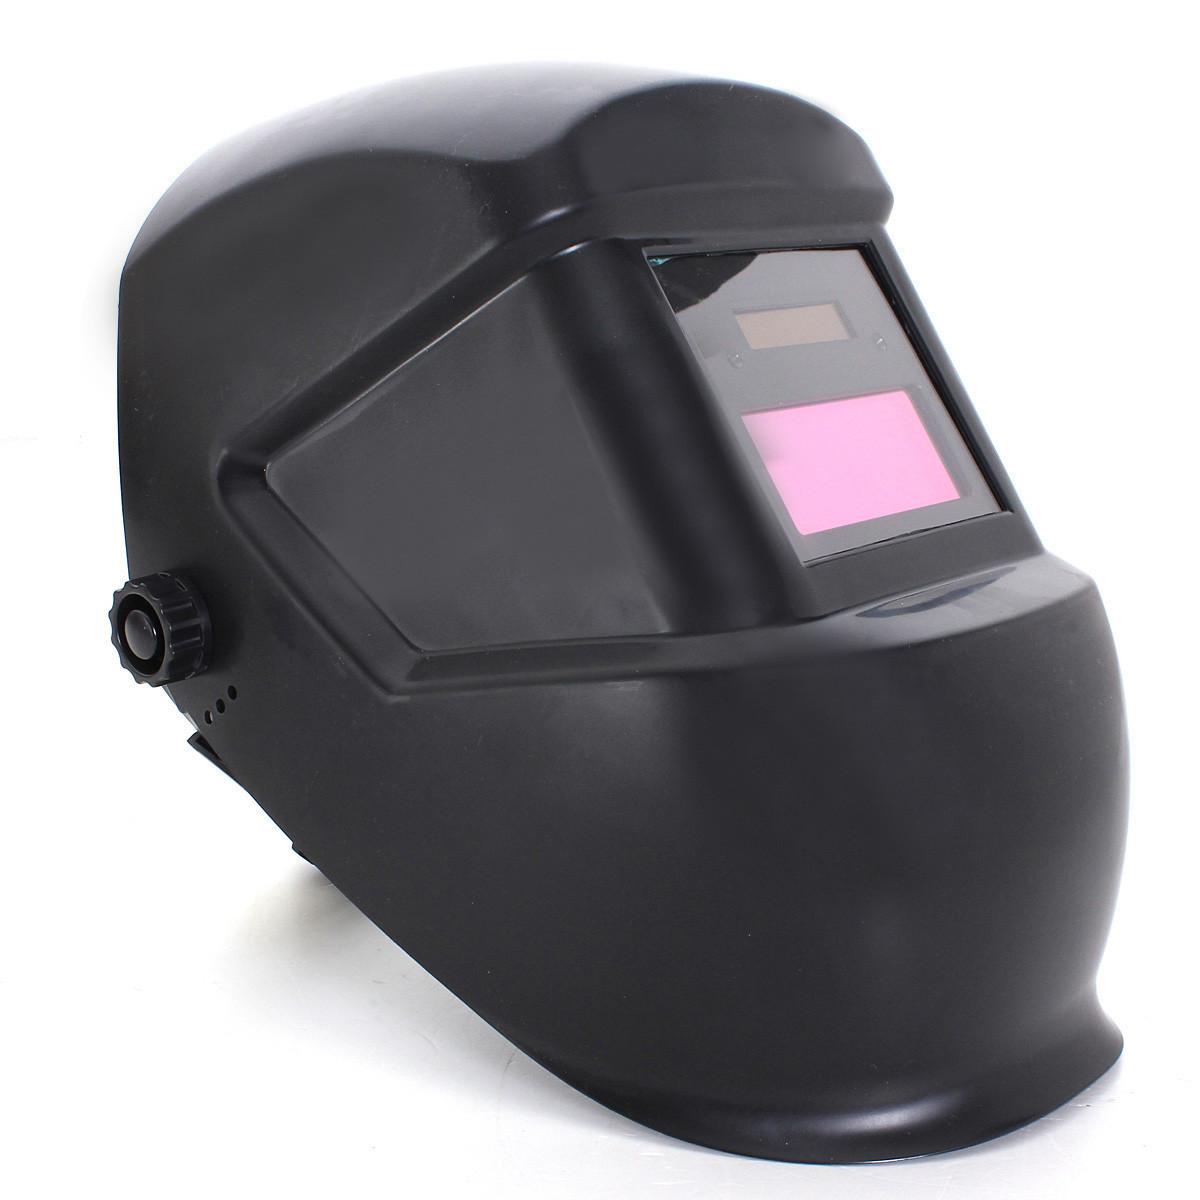 Spesifikasi Solar Auto Menjadi Gelap Welding Helmet Arc Tig Mig Masker Pelindung Hitam Yang Bagus